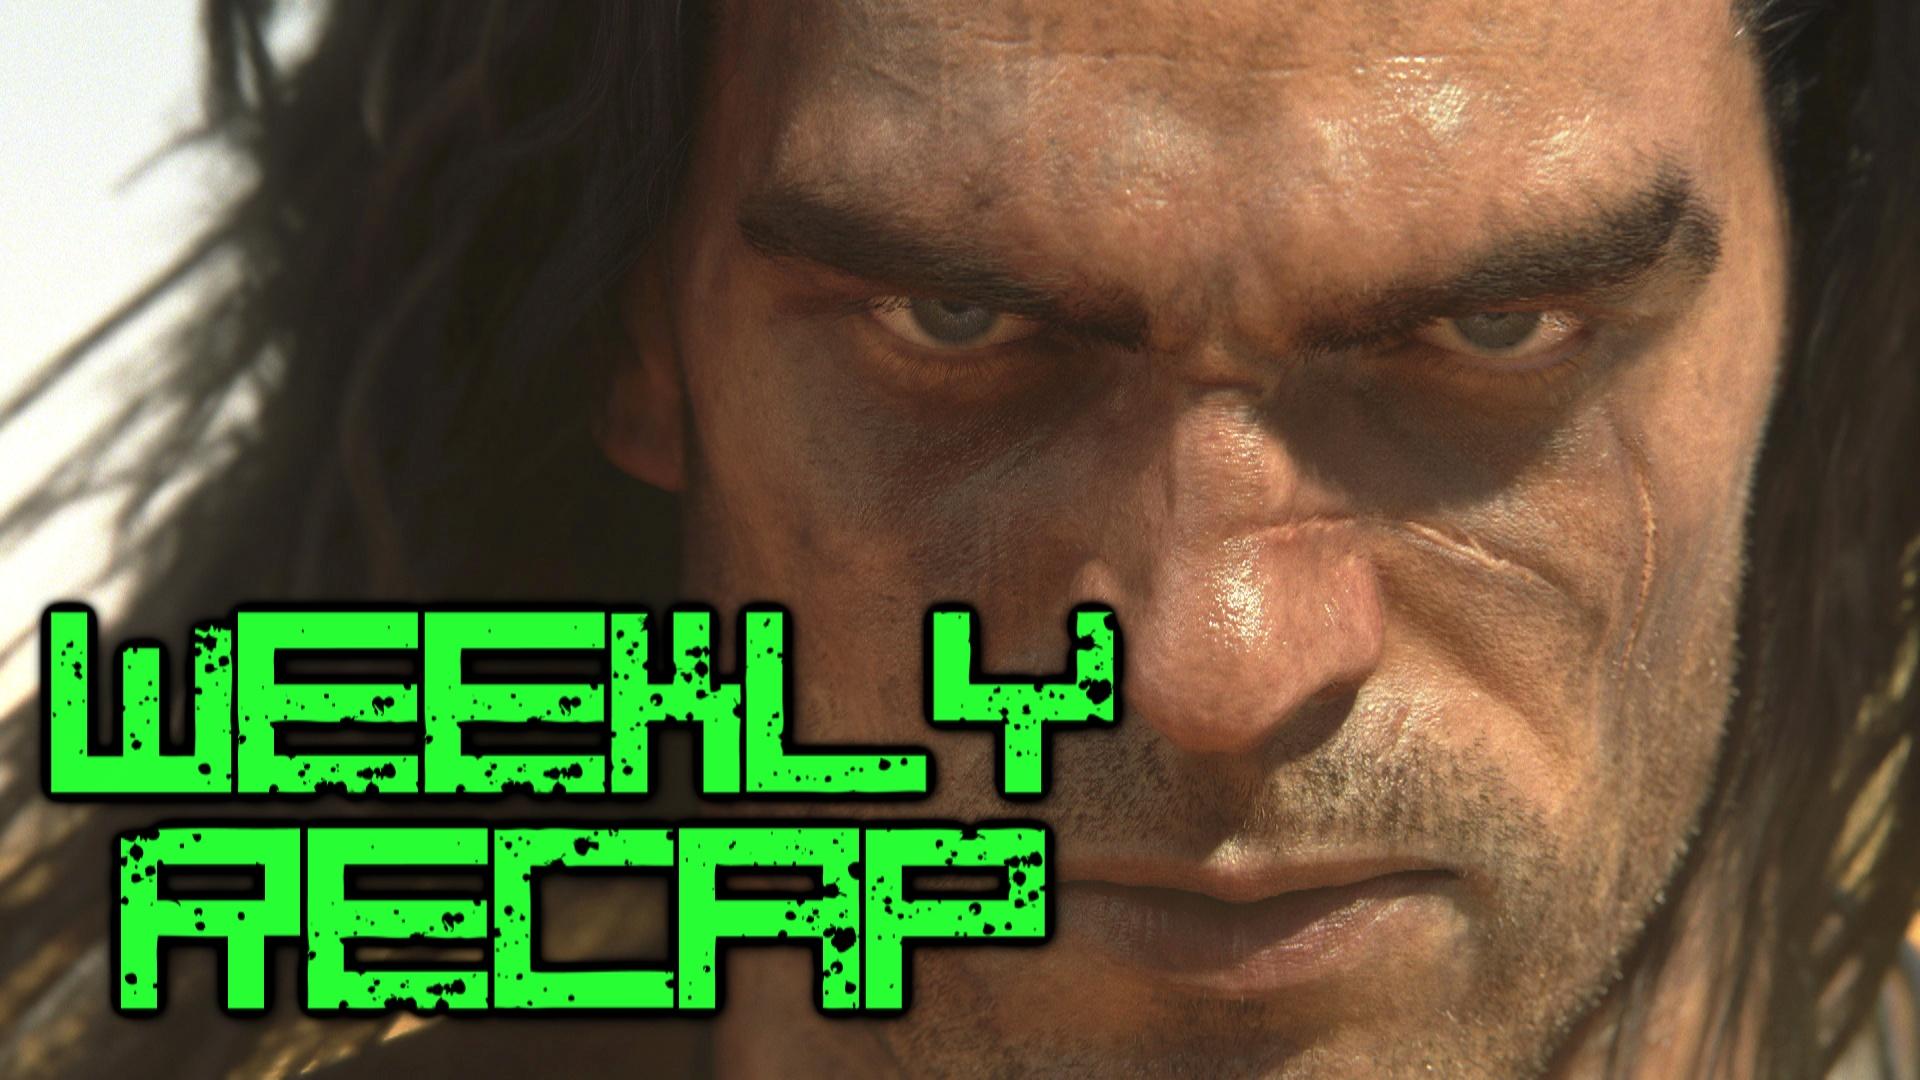 MMOHuts Weekly Recap #294 June 13th - Conan Exiles, Lawbreakers, MxM & More!